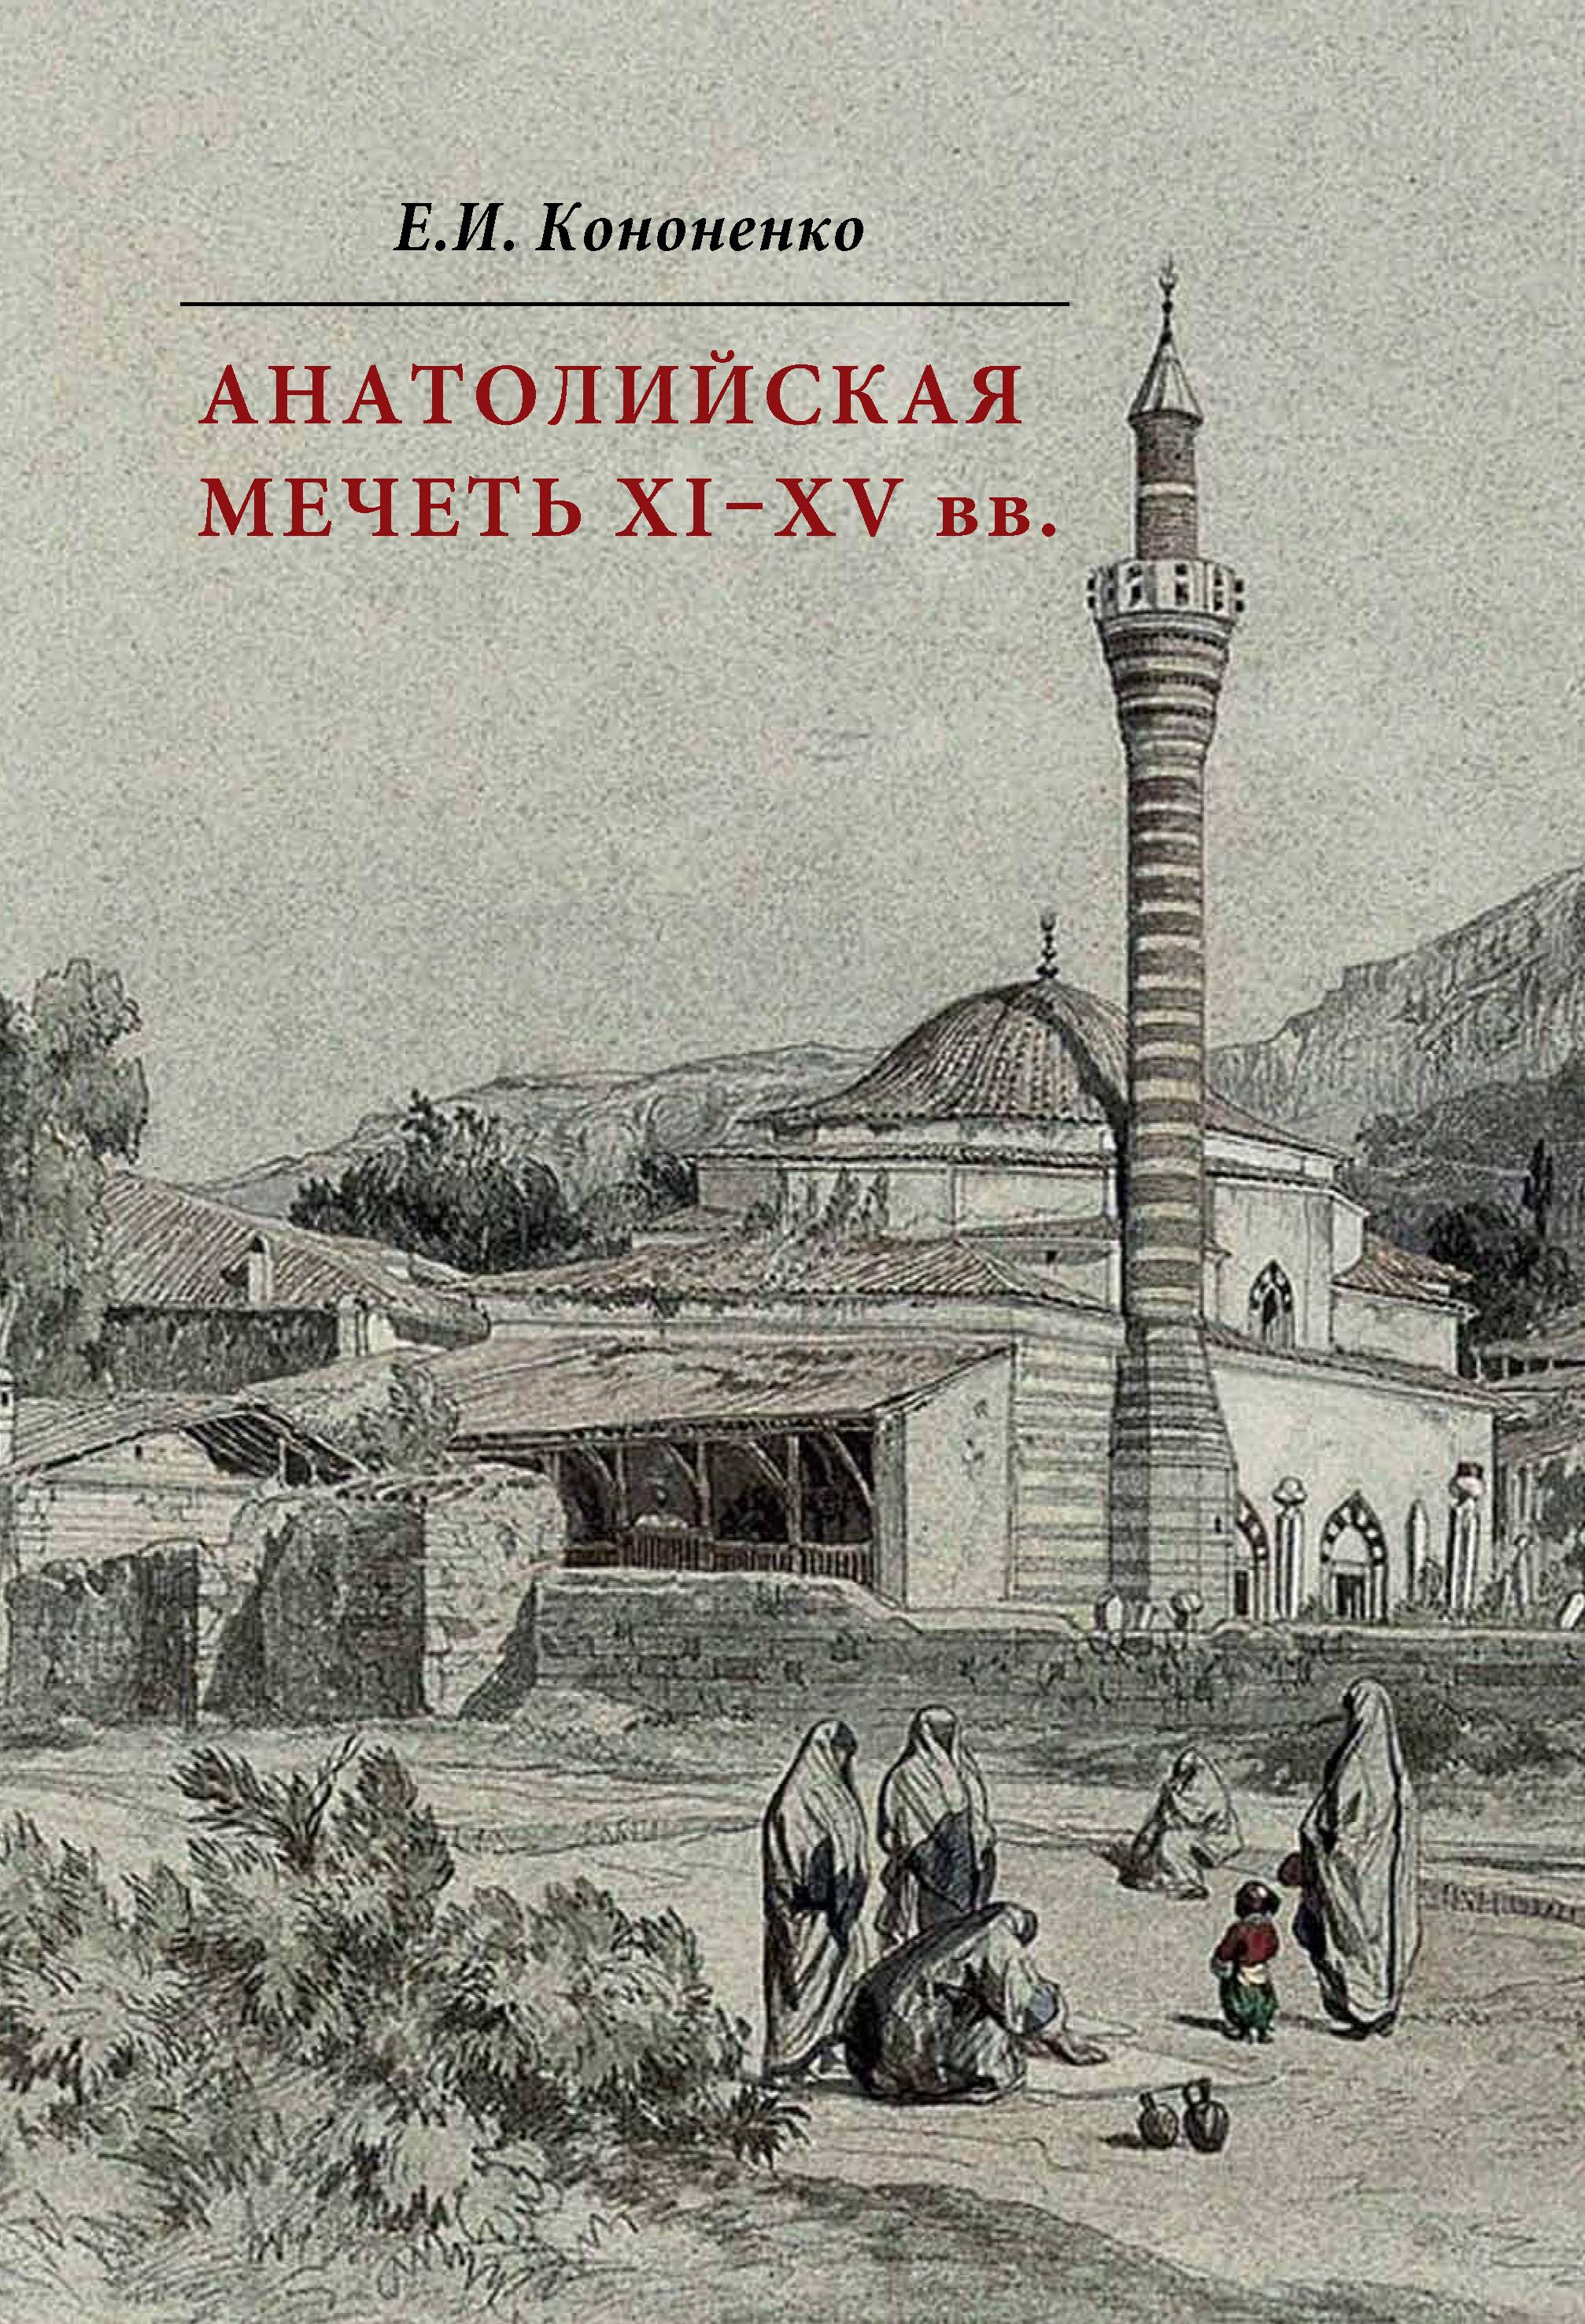 Анатолийская мечеть XI–XV вв. Очерки истории архитектуры ( Е. И. Кононенко  )